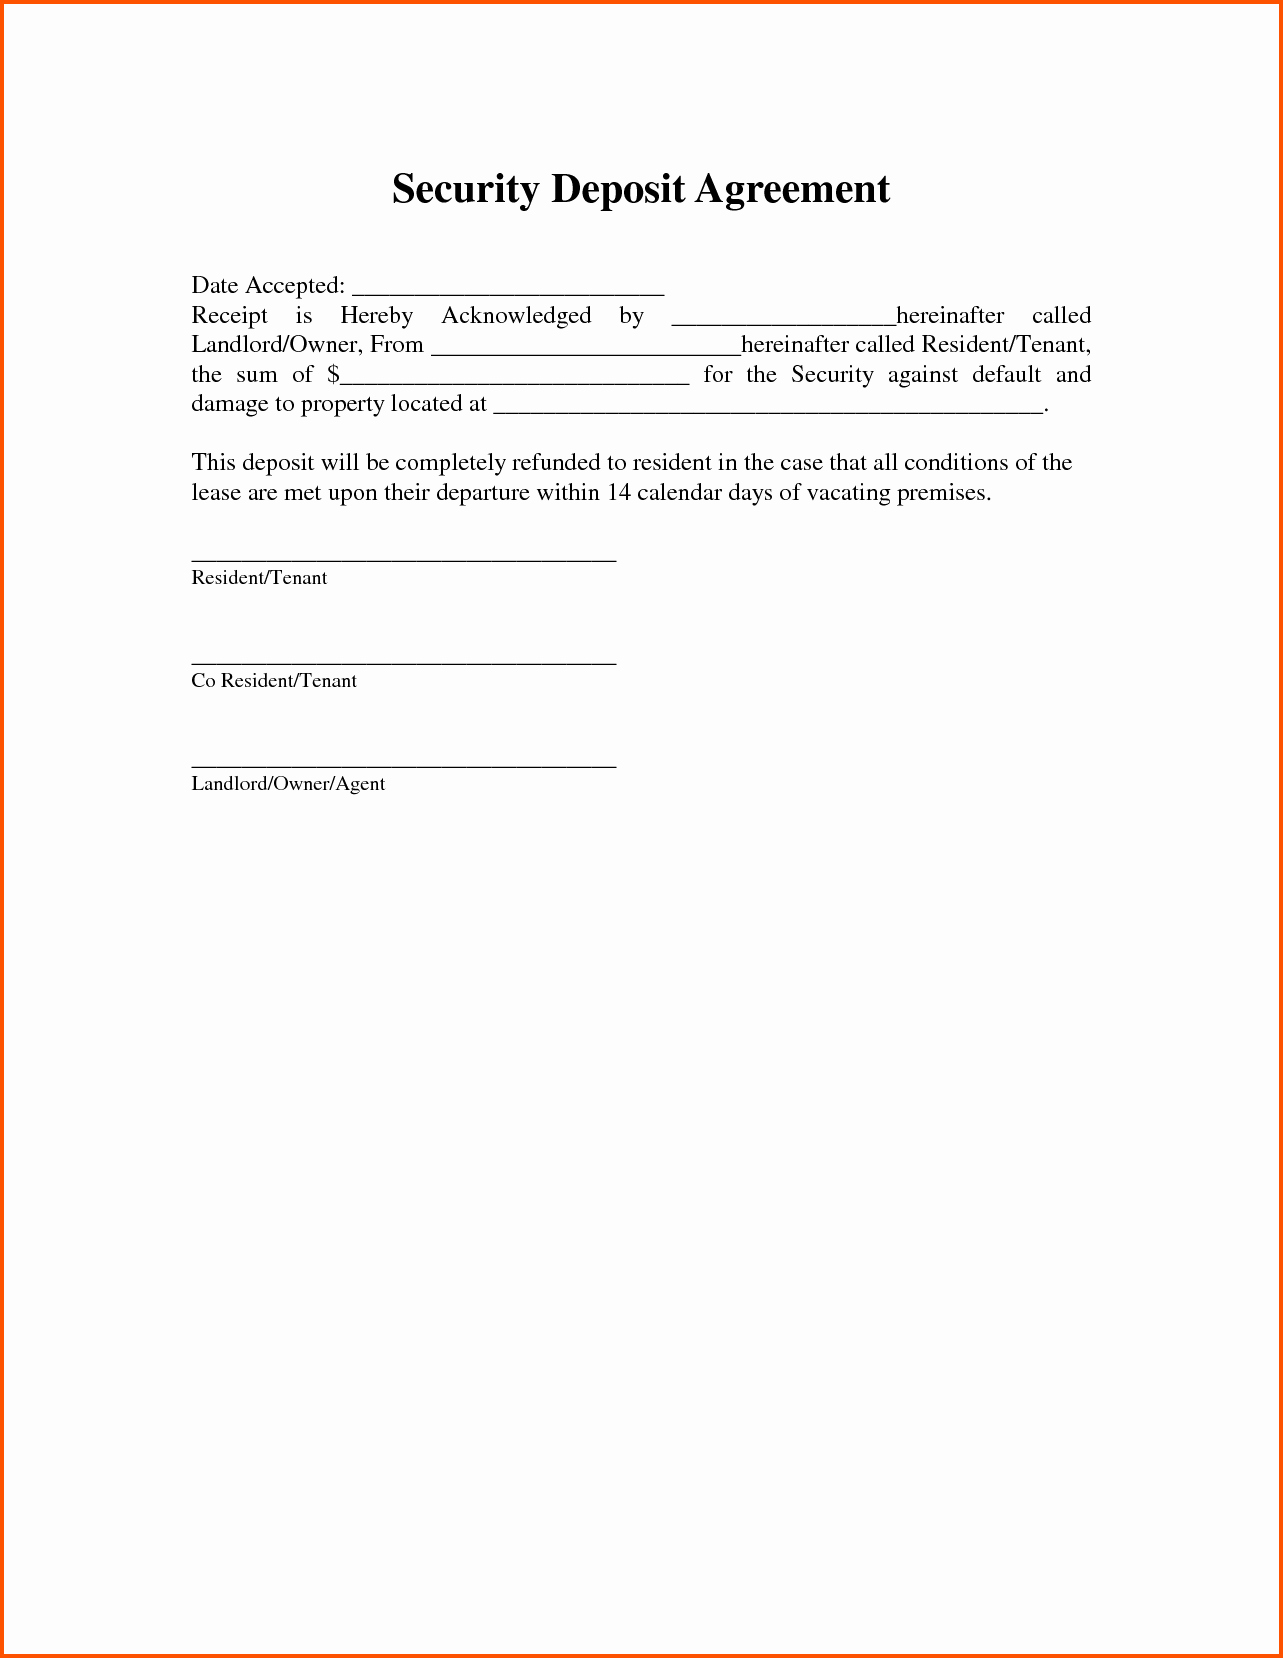 Non Refundable Deposit form Template Unique 11 Security Deposit Receipt form